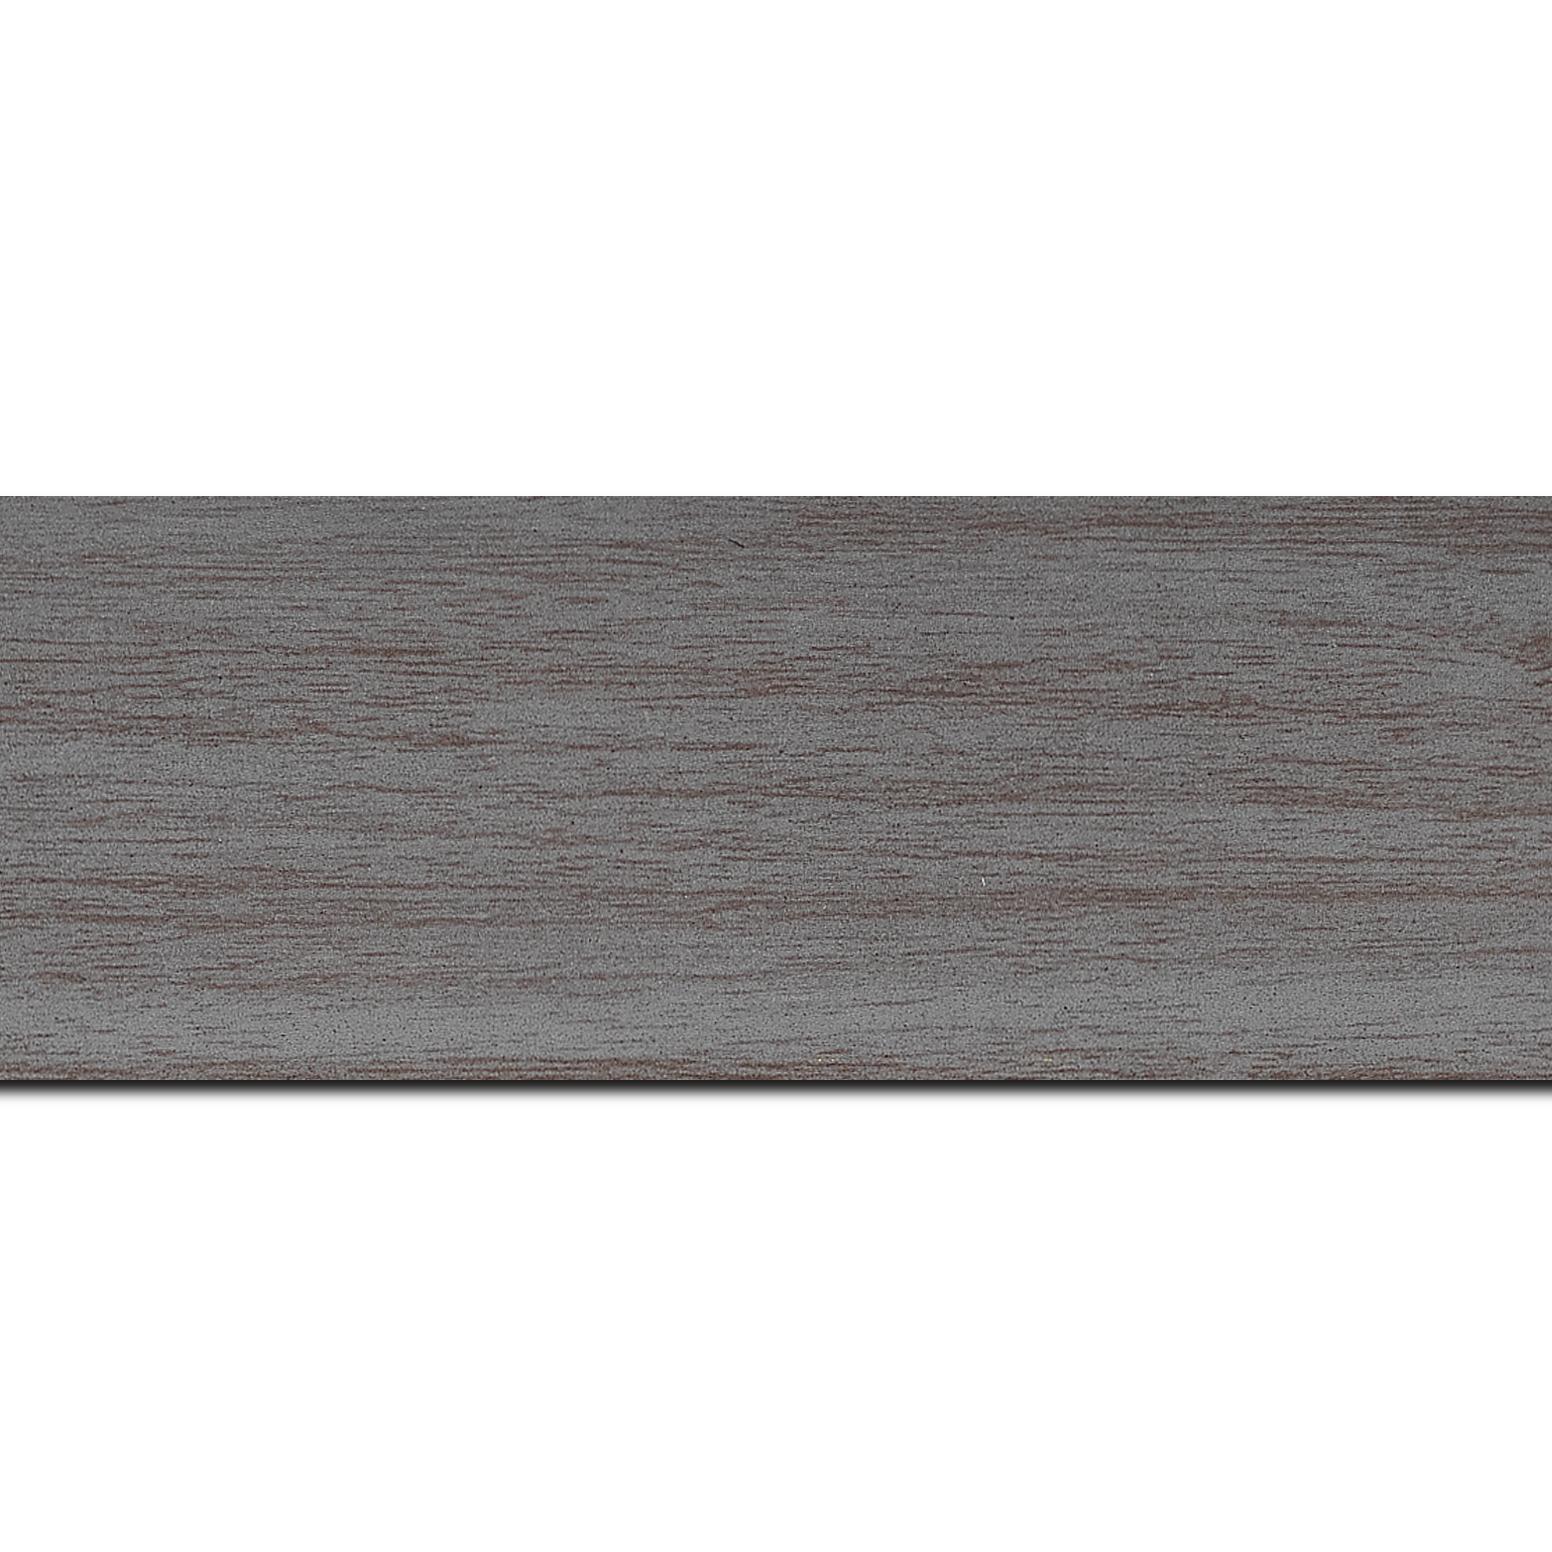 Pack par 12m, bois profil plat largeur 6cm gris satiné effet veiné ,chant extérieur du cadre de couleur noire(longueur baguette pouvant varier entre 2.40m et 3m selon arrivage des bois)